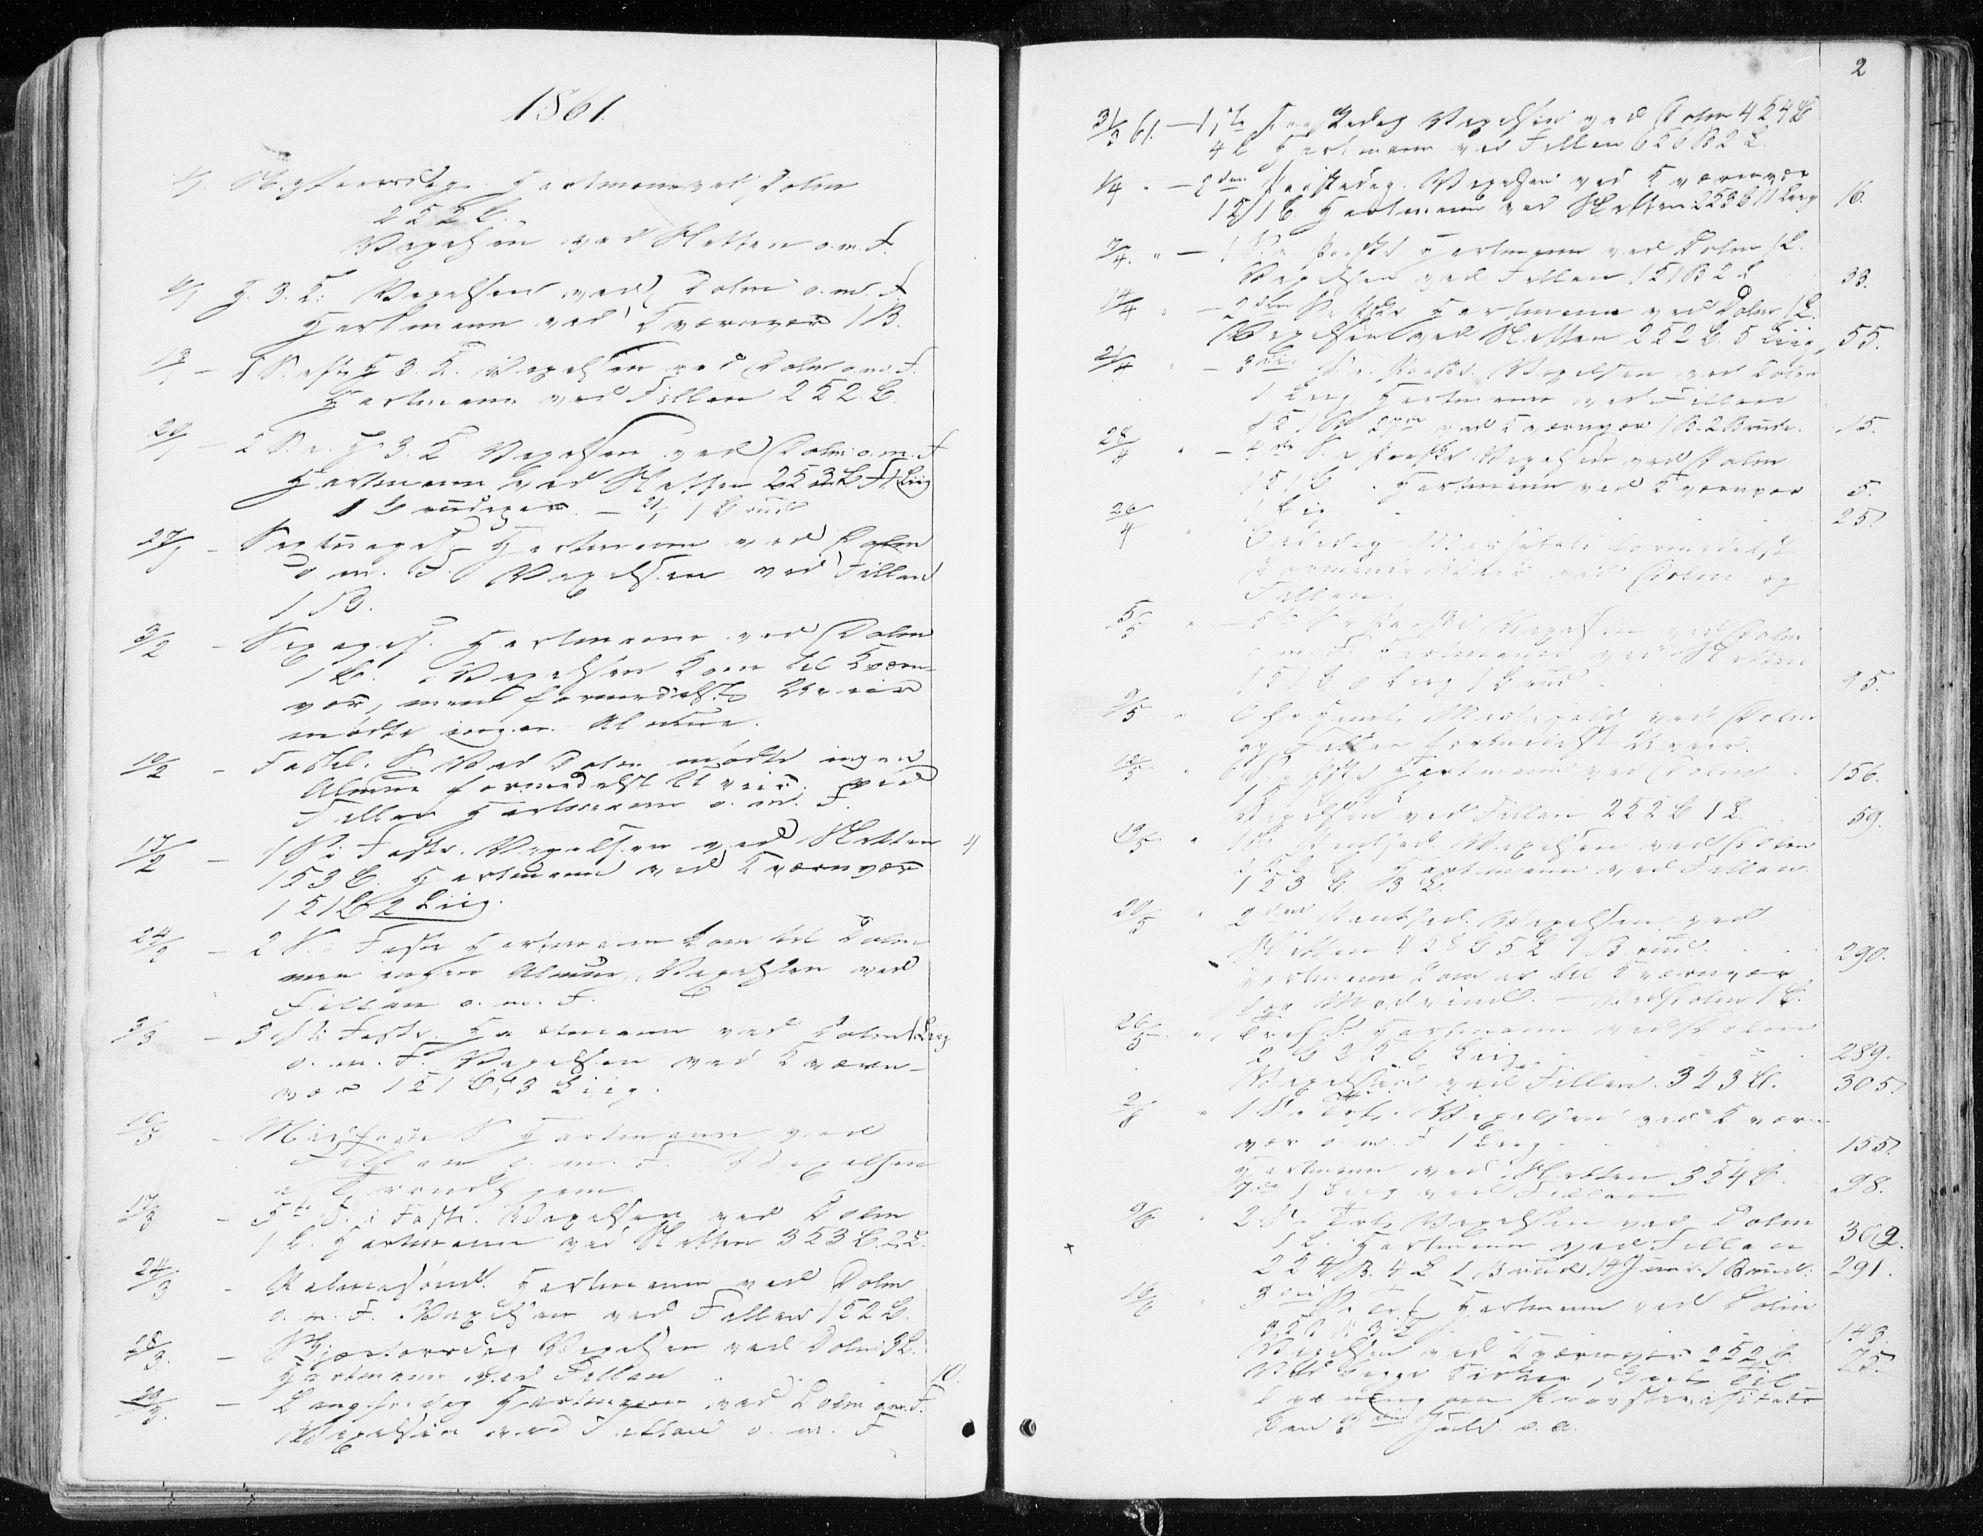 SAT, Ministerialprotokoller, klokkerbøker og fødselsregistre - Sør-Trøndelag, 634/L0531: Ministerialbok nr. 634A07, 1861-1870, s. 2